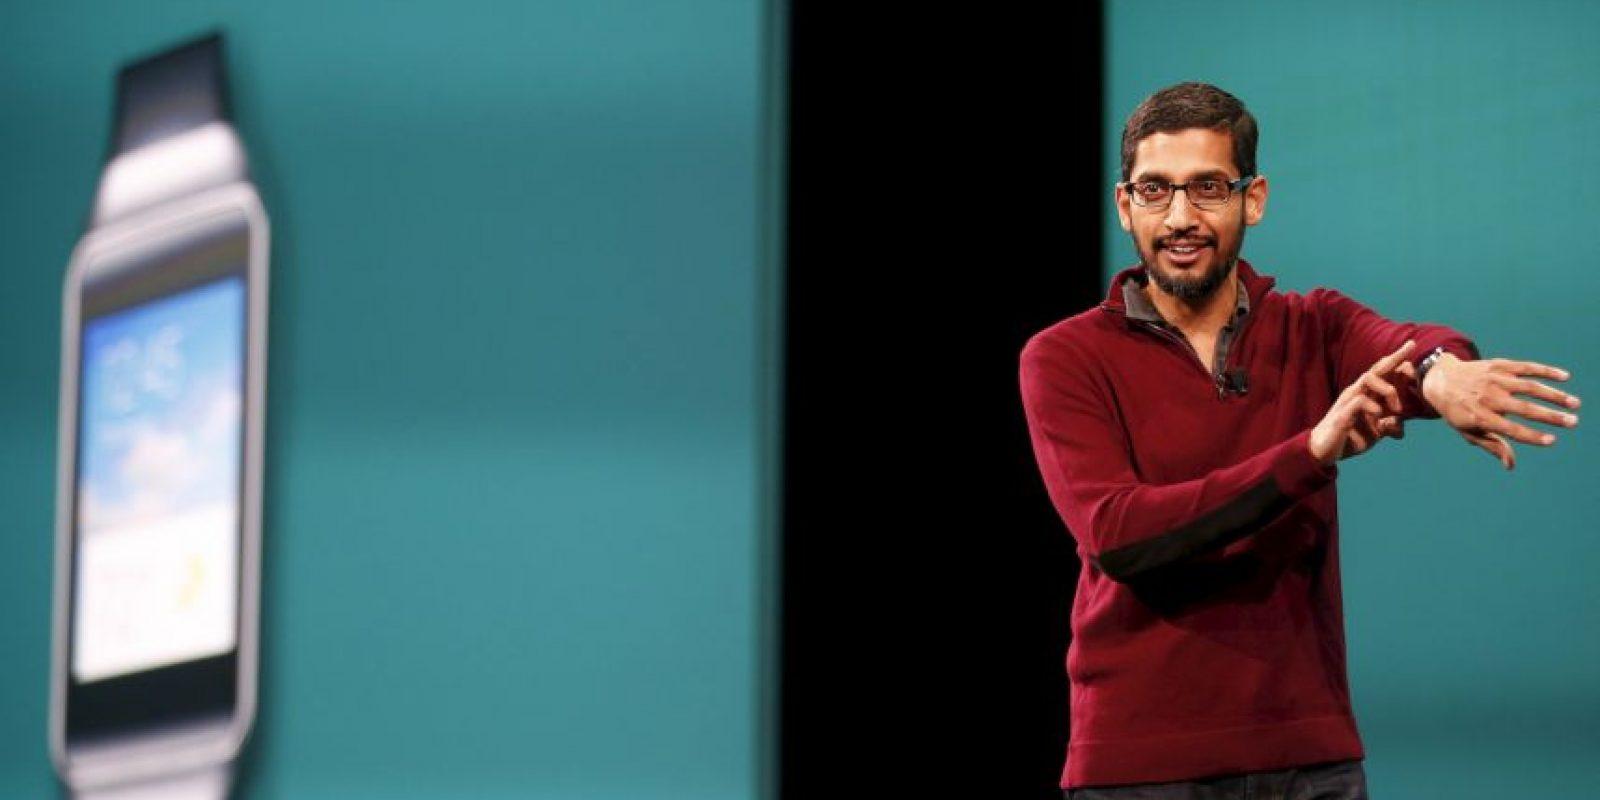 """En 2014, la web enfocada a los negocios """"Bloomberg"""", hizo un extenso perfil de Sundar Pichai y en él nos reveleban algunos de los datos de su origen y su infancia. Foto:Getty Images"""